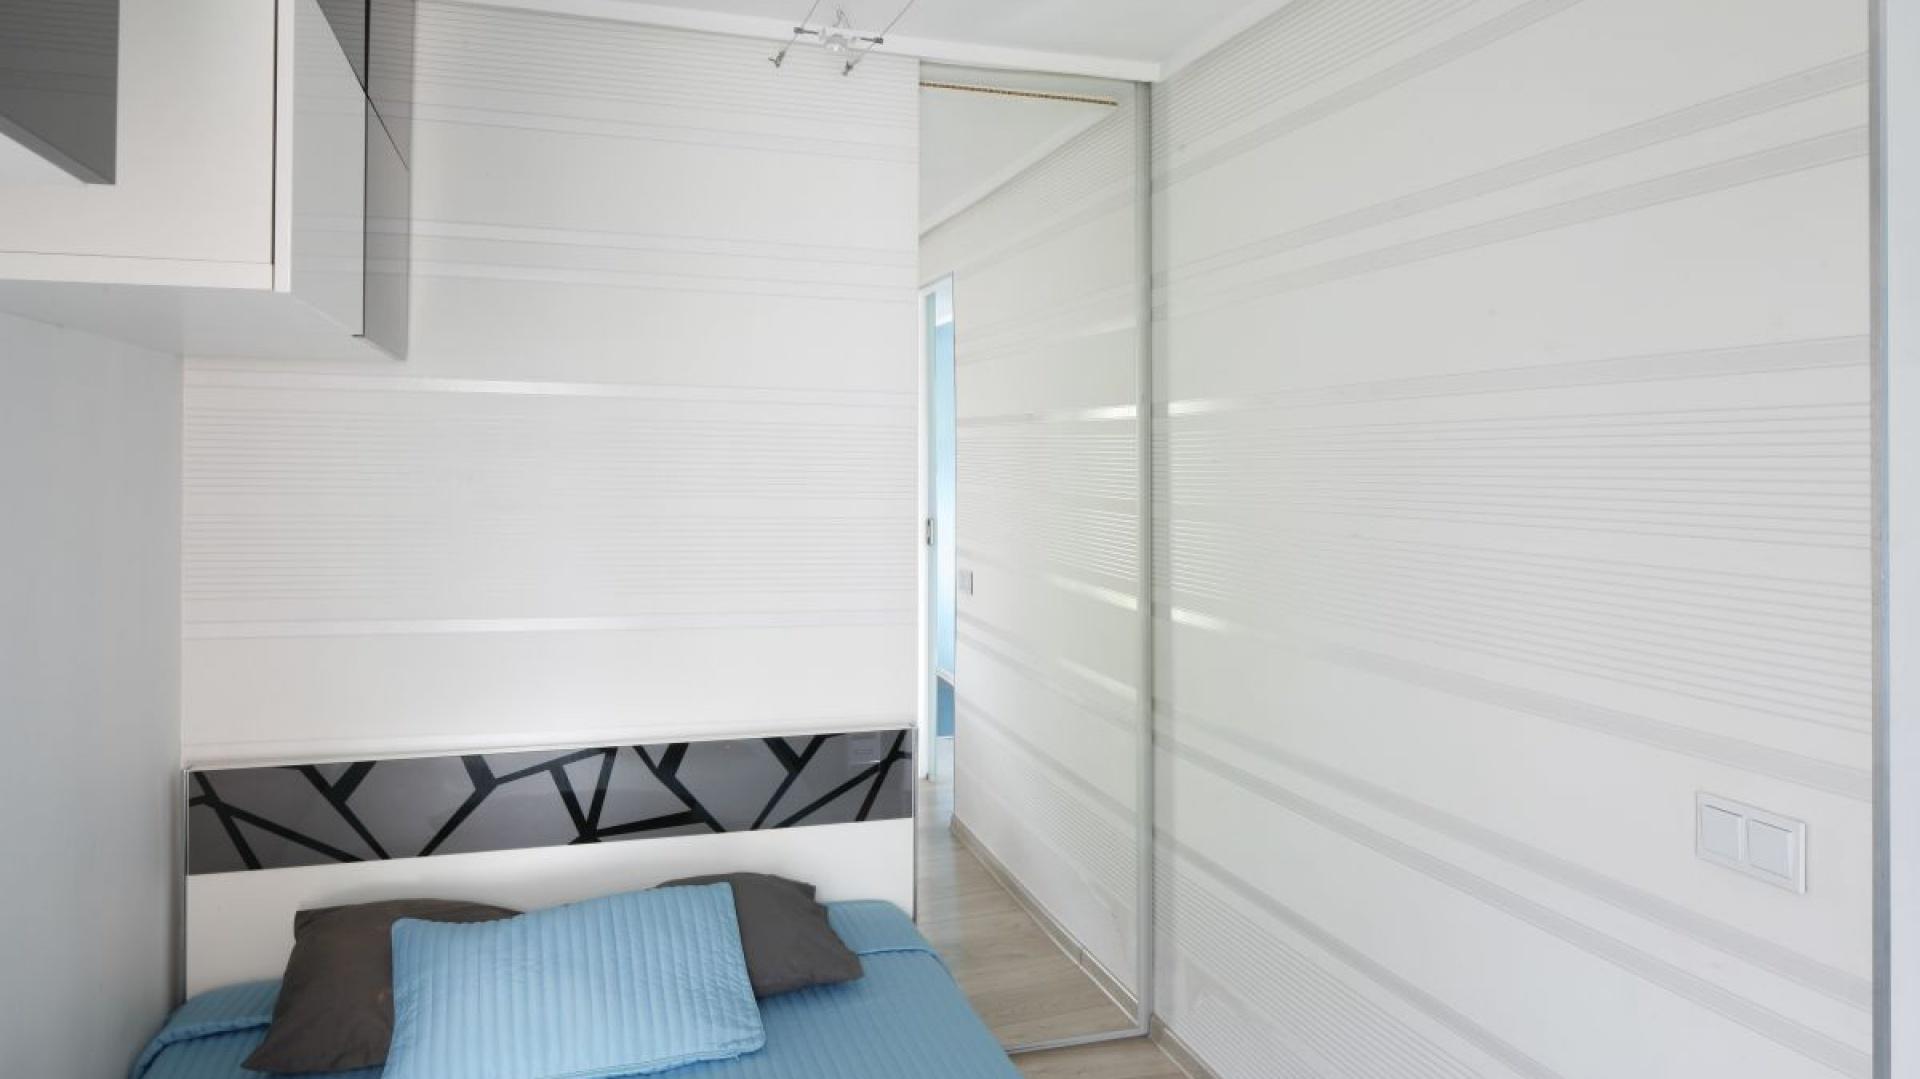 W sypialni połączono trzy kolory: biel, czerń oraz turkus. Połyskujące fronty szafek oraz dekoracyjna tapeta w poziome pasy optycznie powiększają przestrzeń. Lustrzana tafla drzwi przesuwnych prowadzących do niewielkiej garderoby także dodaje wnętrzu przestronności. Fot. Bartosz Jarosz.